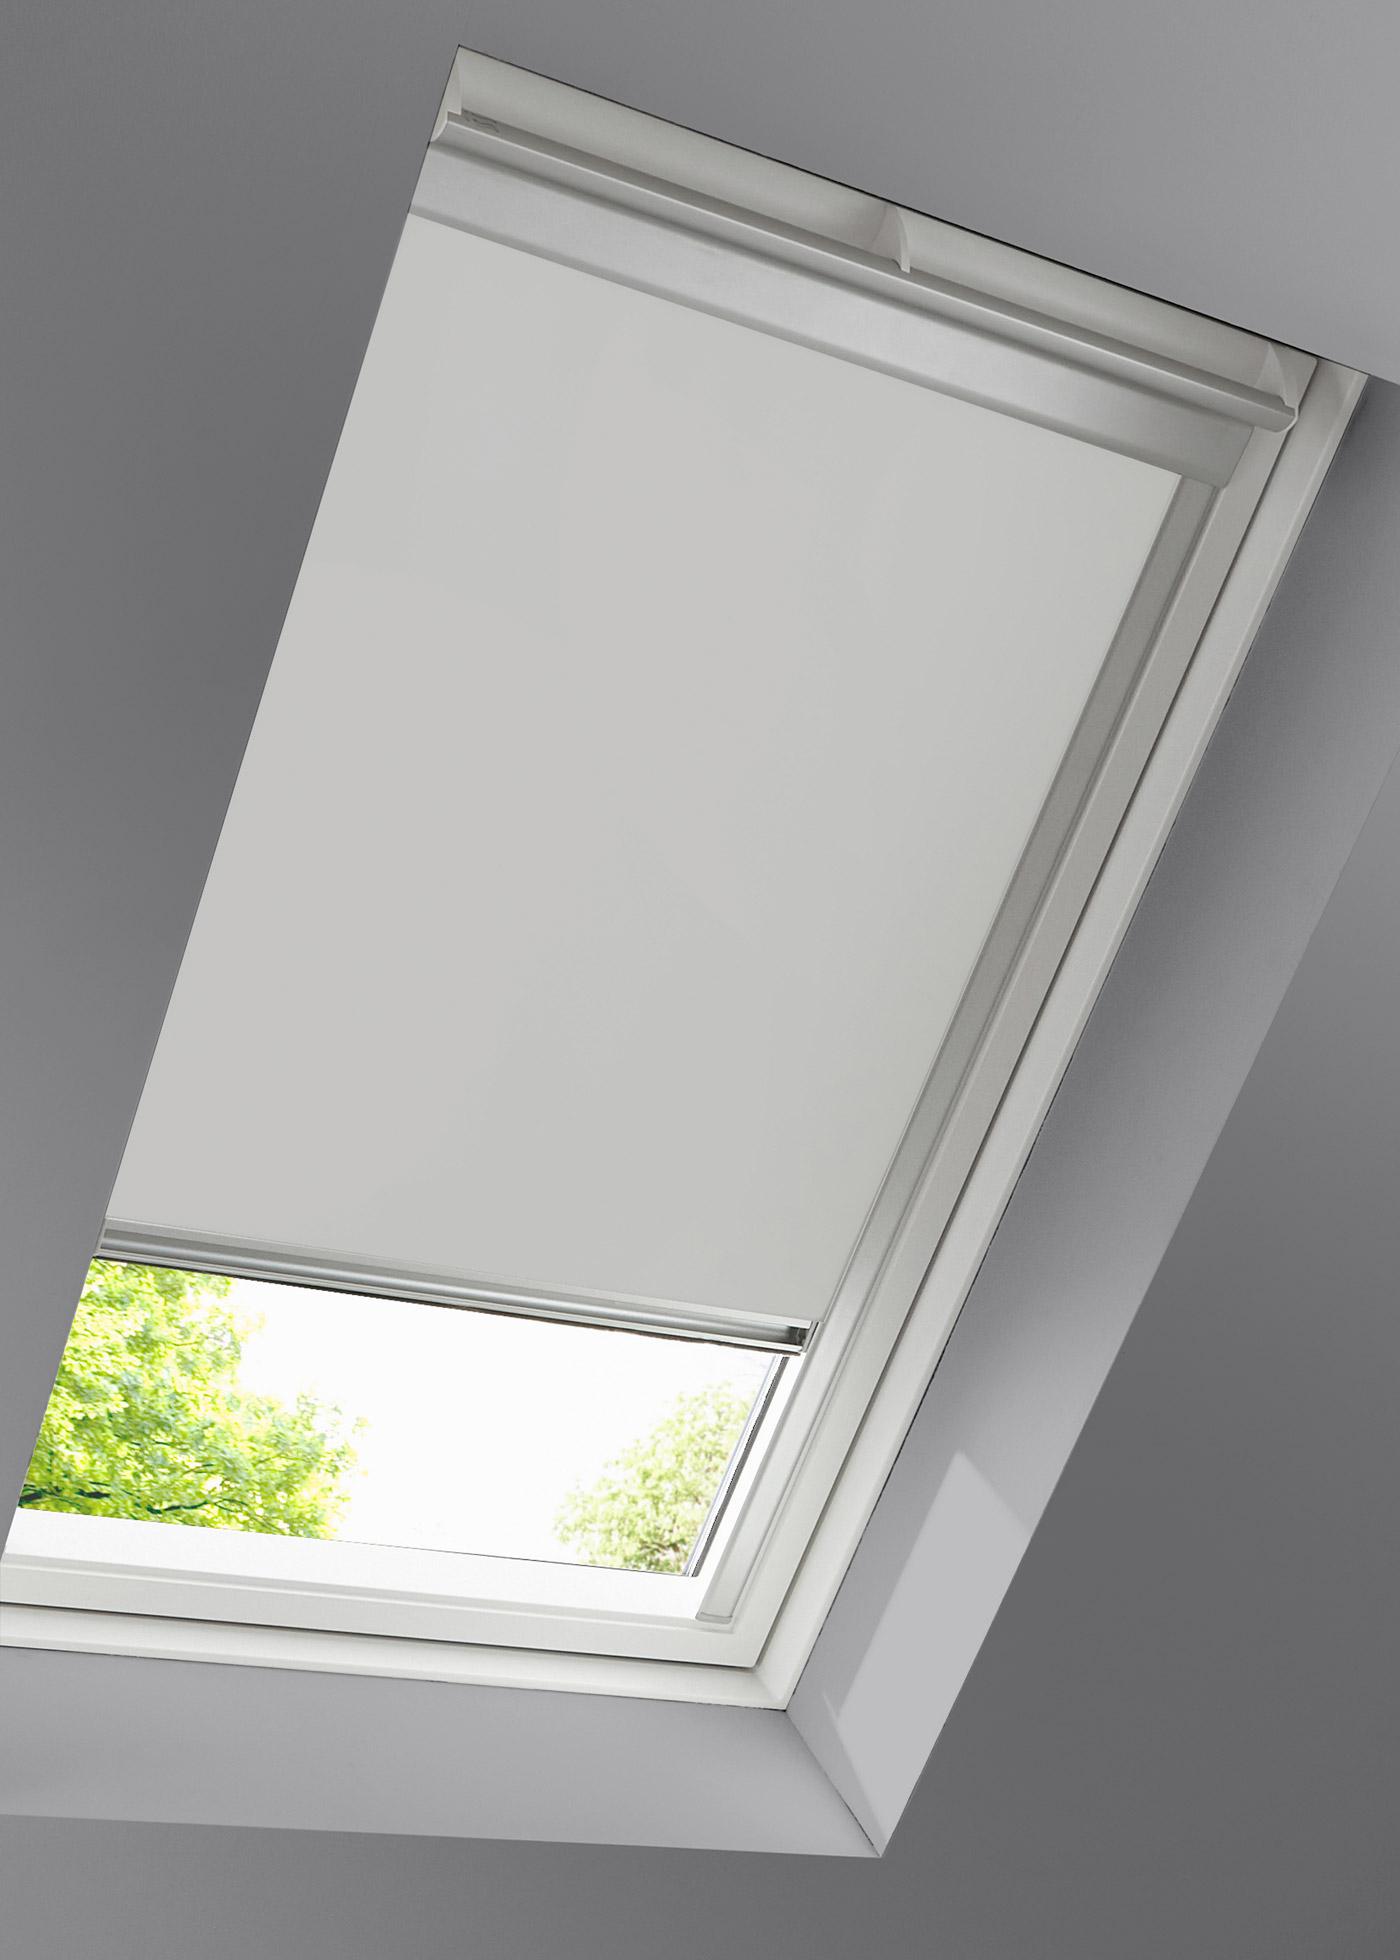 """Store de coloris uni pour fenêtre de toit type Velux. Store occultant, protège de la lumière et des regards extérieurs. Store en profilé d""""aluminum à cassette. Différentes tailles. Recto enduit. Idéal pour la chambre à coucher. La livraison inclut un"""